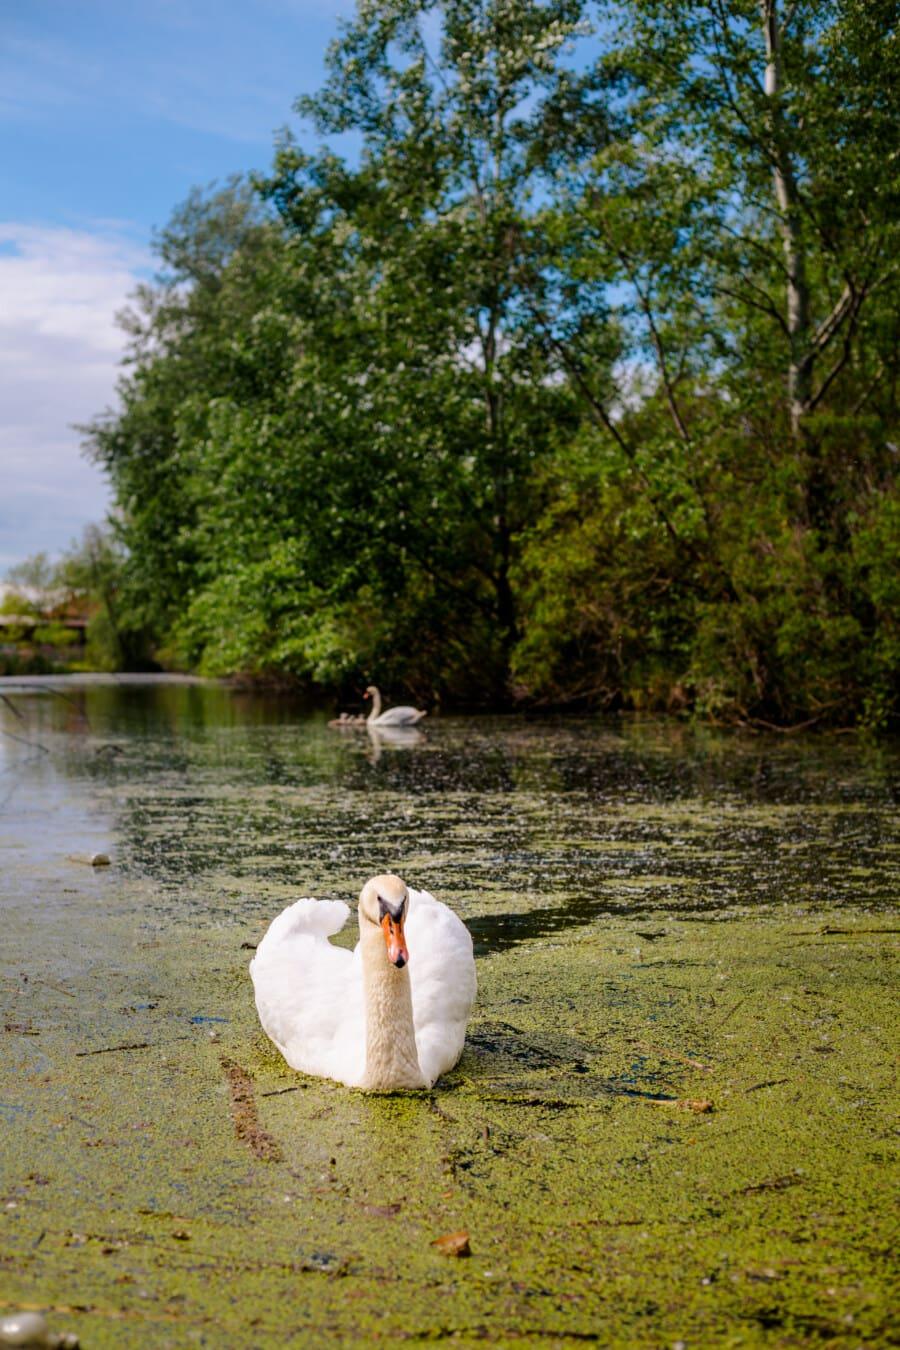 Kuğu, Yüzme, zarafet, Bataklık, sucul bitki, yürüyen kuş, Göl, su, kuş, doğa